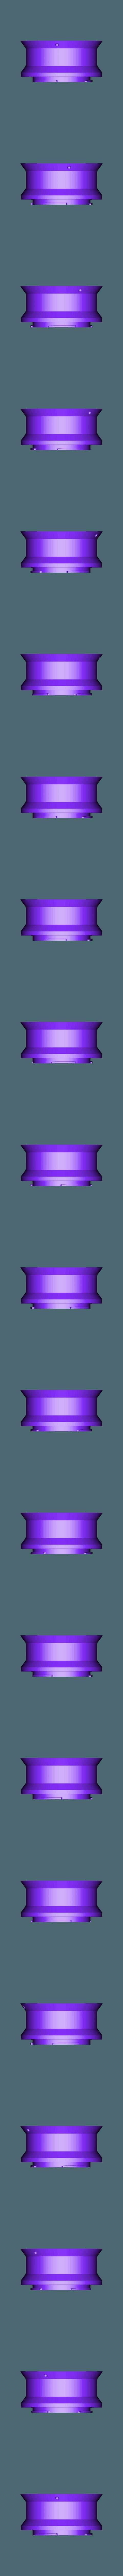 Sony-A-2-E_mnt(v2).stl Download STL file Sony A mount (Minolta AF) to E mount adapter • 3D print design, vintage-lens